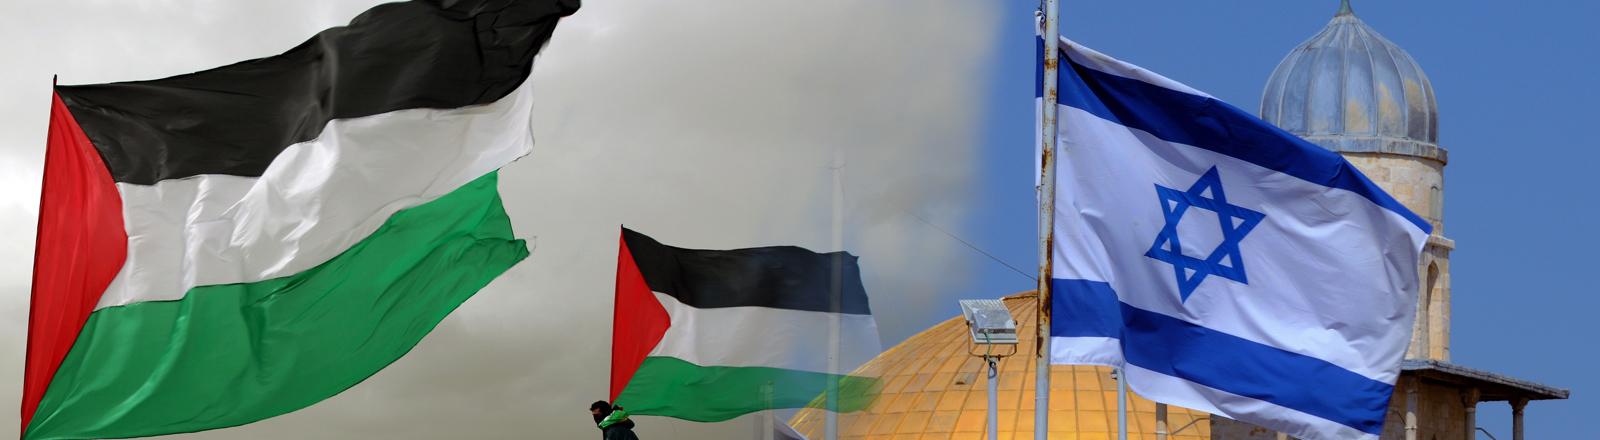 Flaggen Palästina Israel